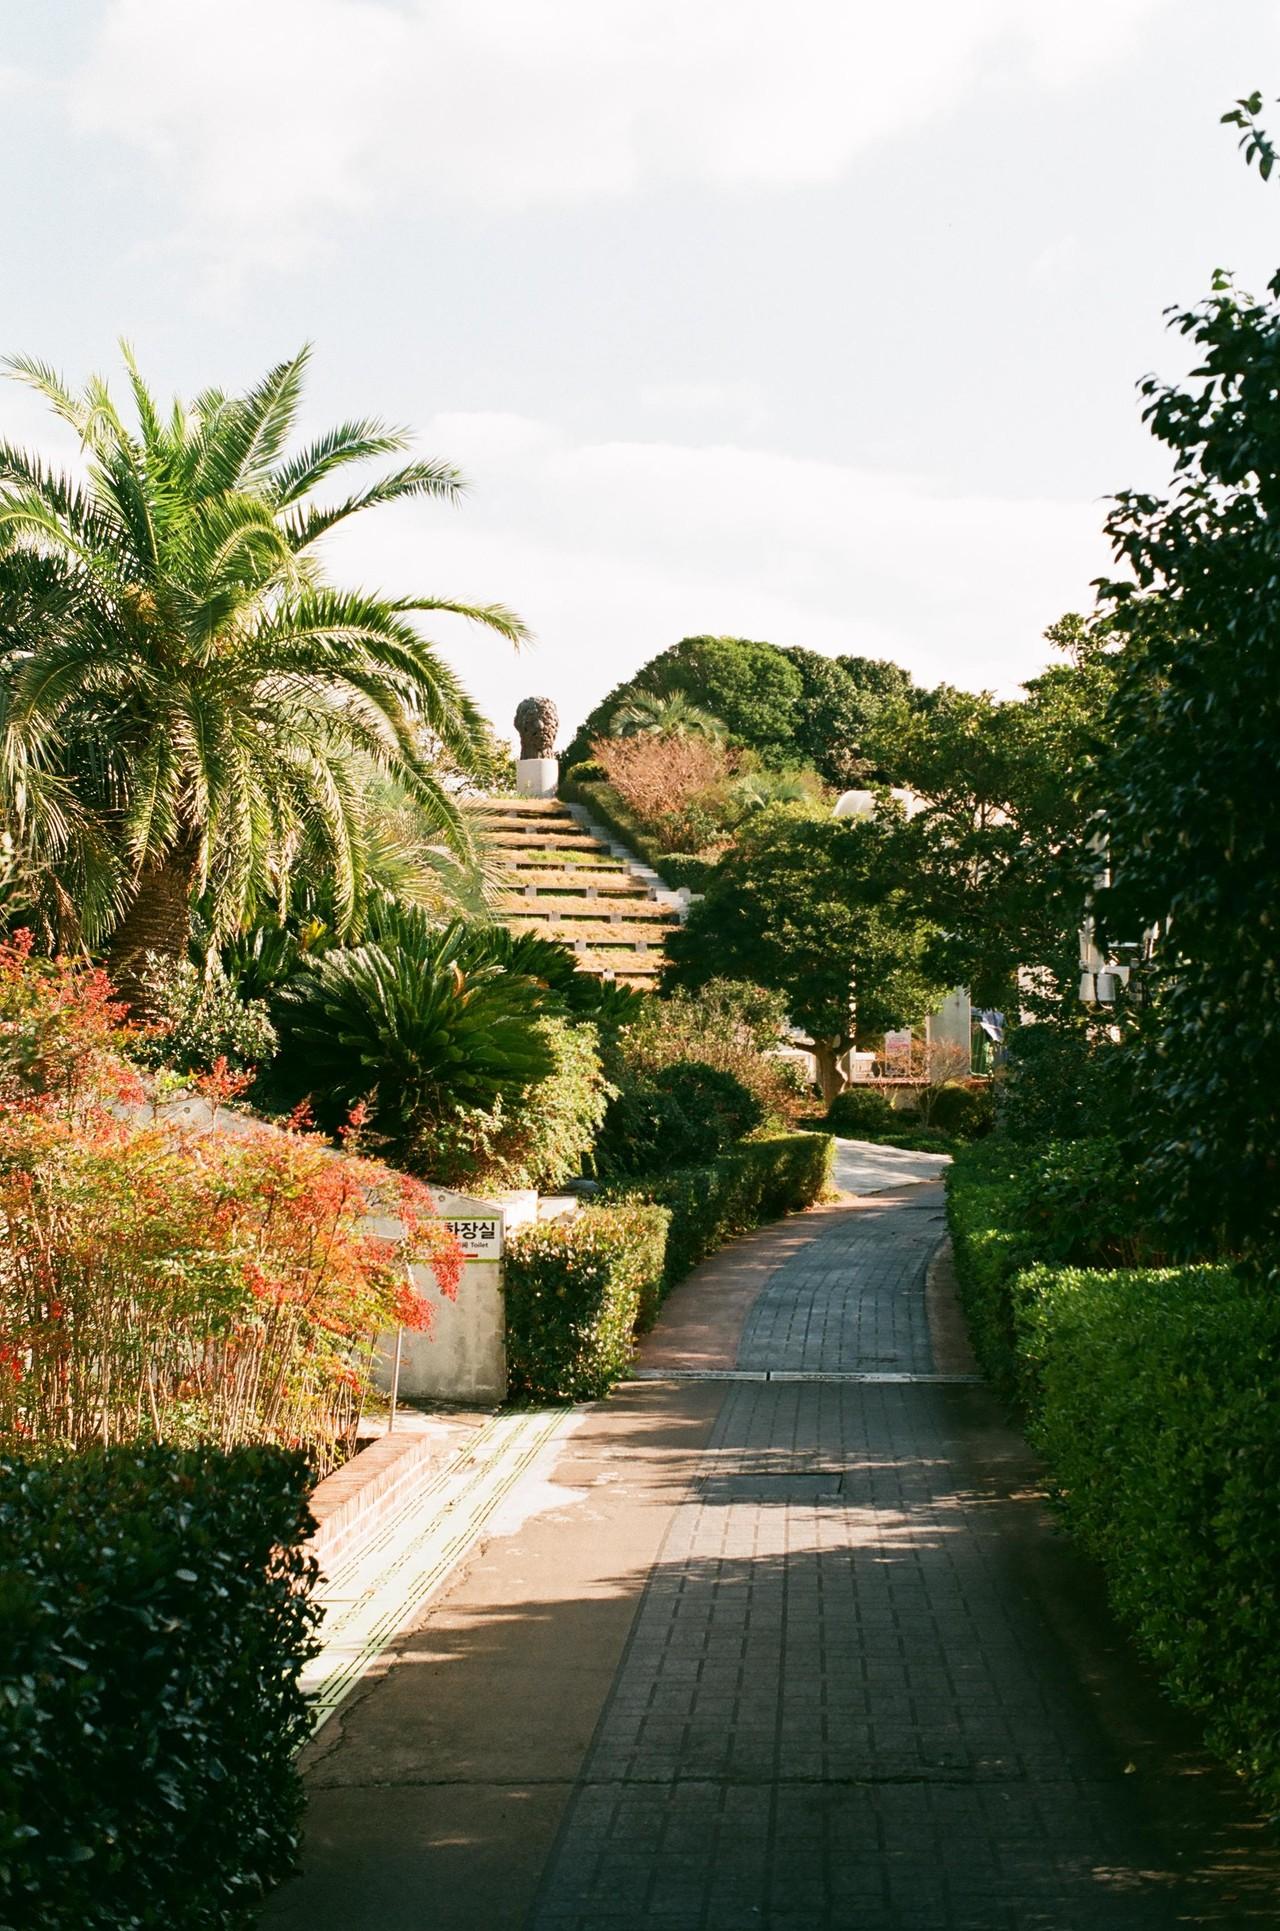 #2. 남해바다의 땅은, 특히나 섬들은 더 그렇지만 유난히 장사도는 이국적인 식생이 많이 자란다. 바람을 받으며 흔들리는 이름 모를 풀과 나무들이 마치 다른 세계에 와 있는 듯한 느낌을 주는 한 가지.